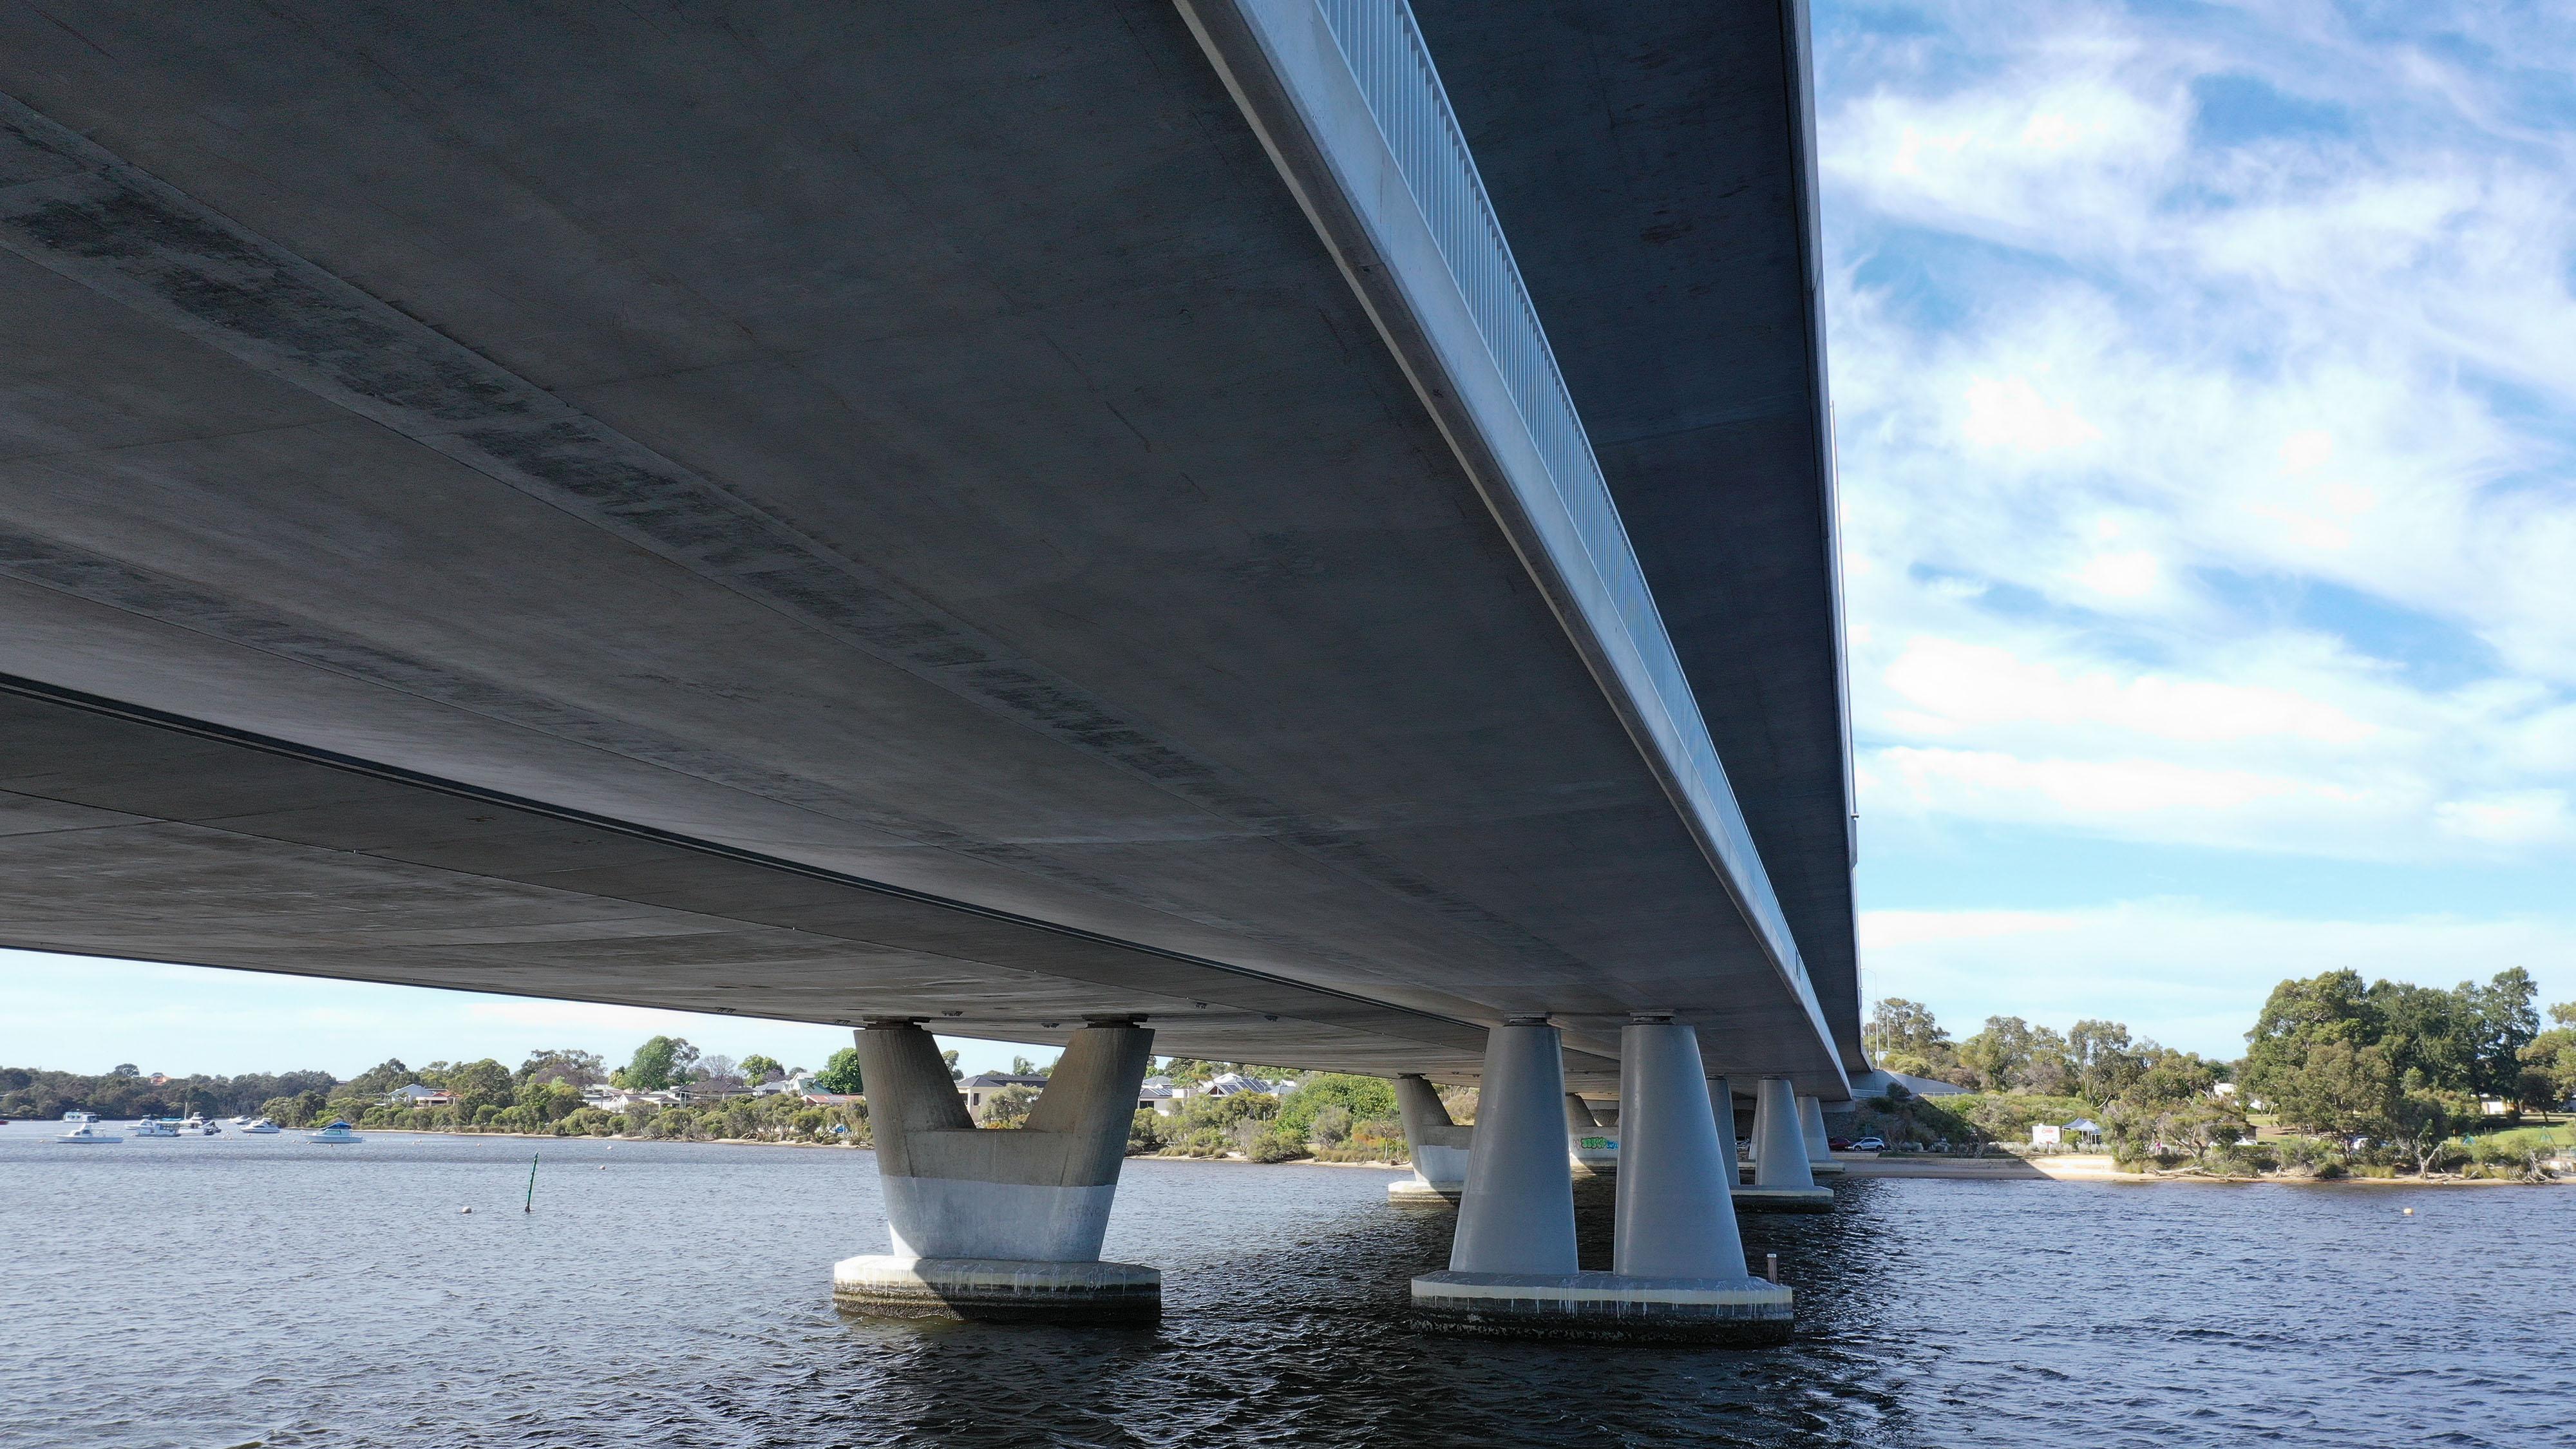 Perth Drone Centre - Bridge Inspections